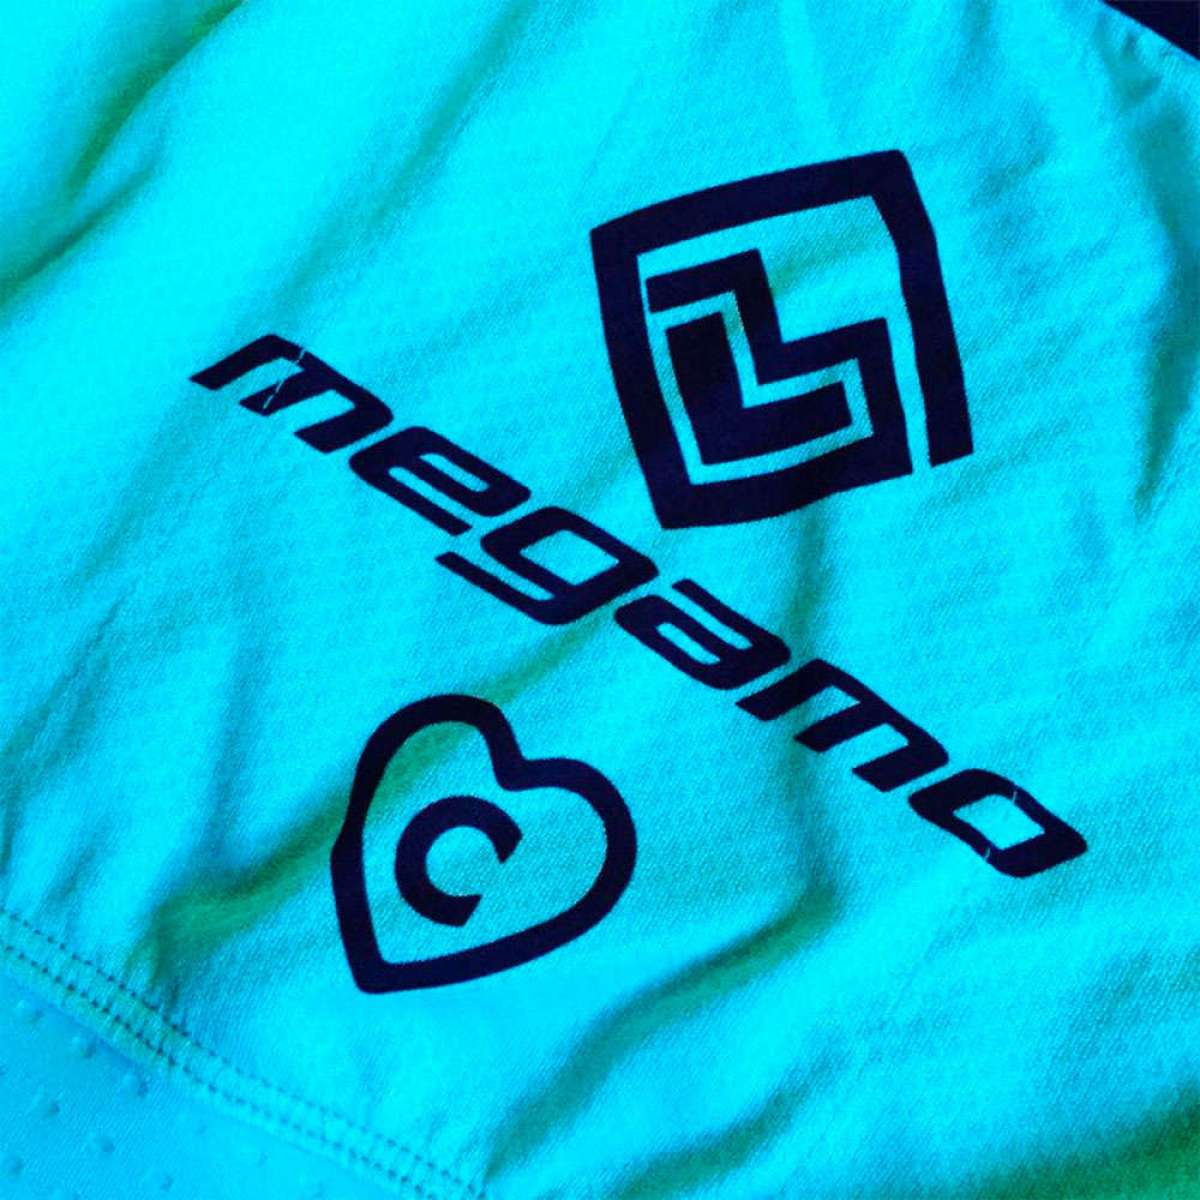 En TodoMountainBike: El Megamo UCI MTB Team ya es una realidad, con Clàudia Galicia y Jofre Cullell confirmados